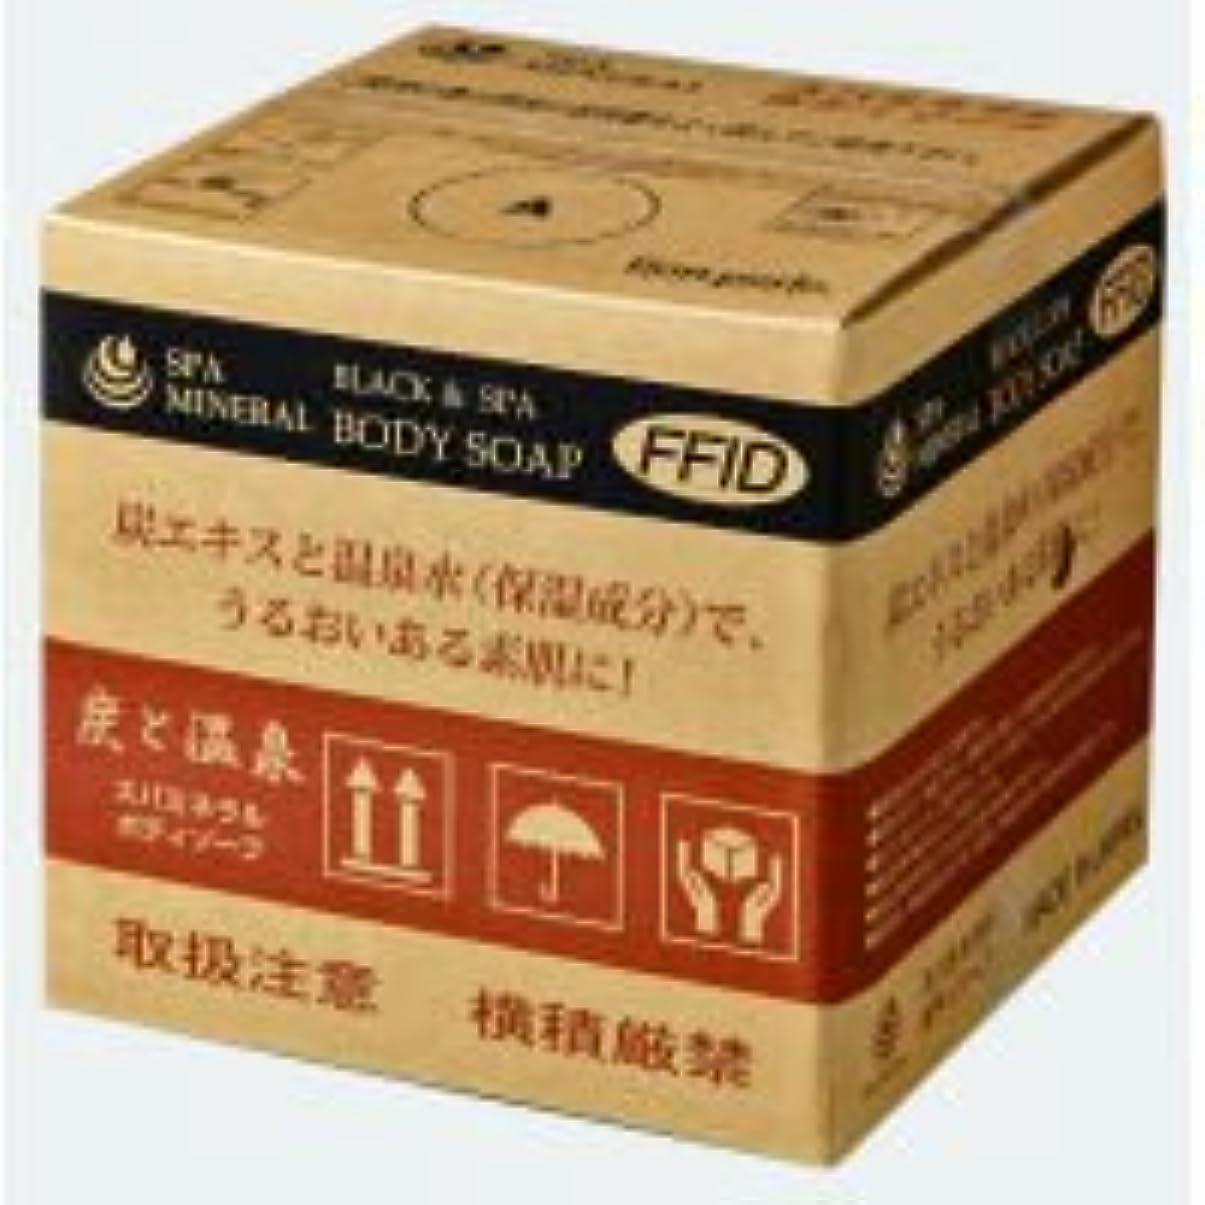 人気の明らかにする驚くばかりスパミネラル 炭ボディソープ 20kg 詰替用